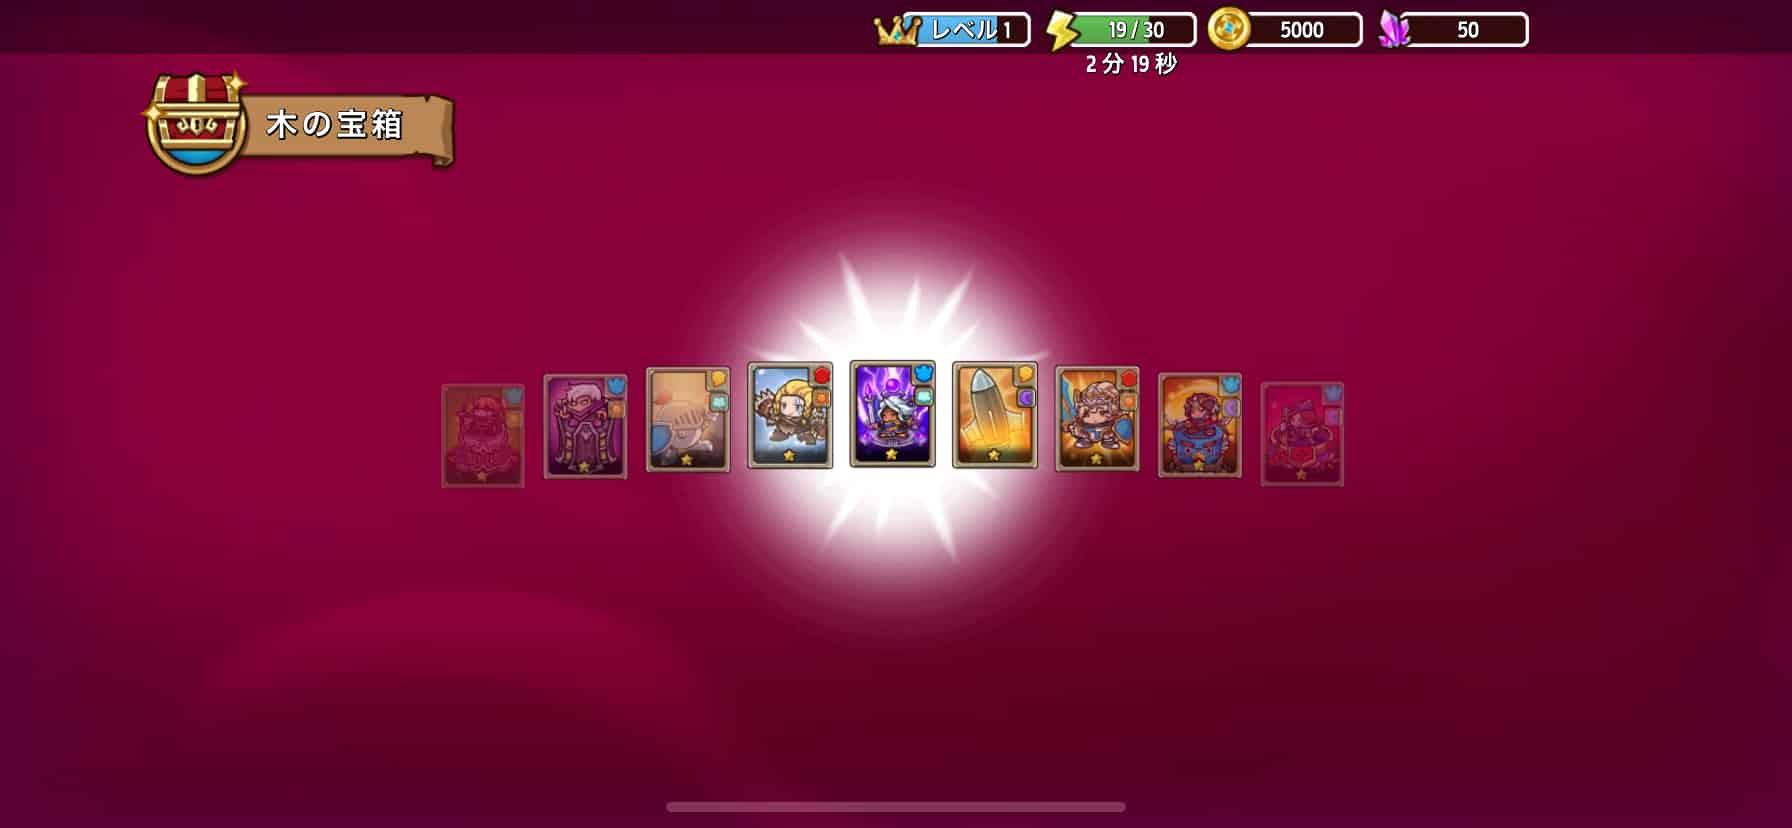 防衛ヒーロー物語、400種類以上のカード